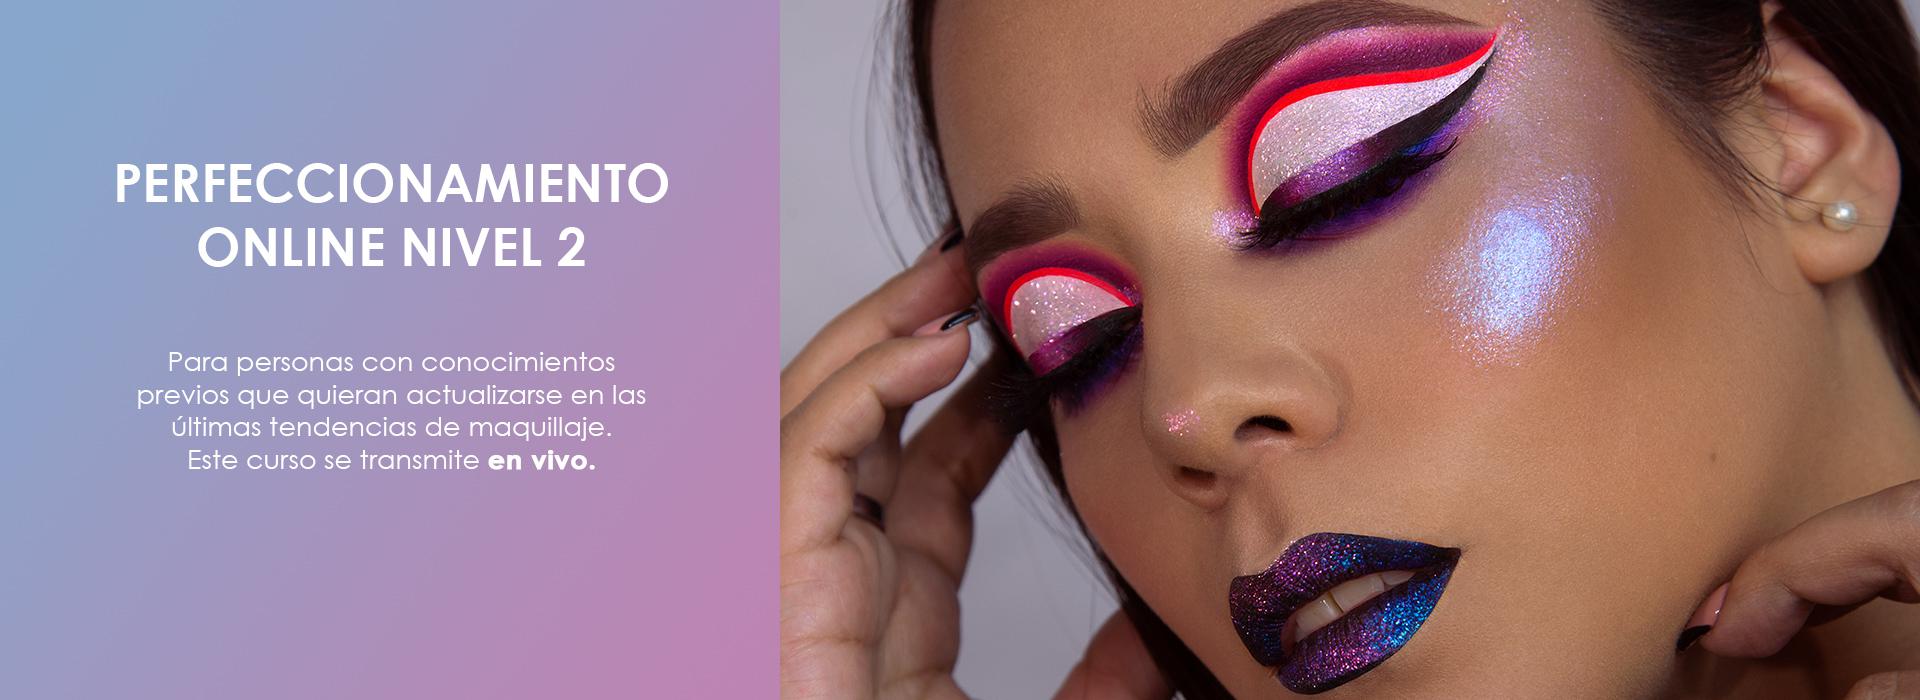 Curso de Maquillaje Online - Perfeccionamiento nivel 2